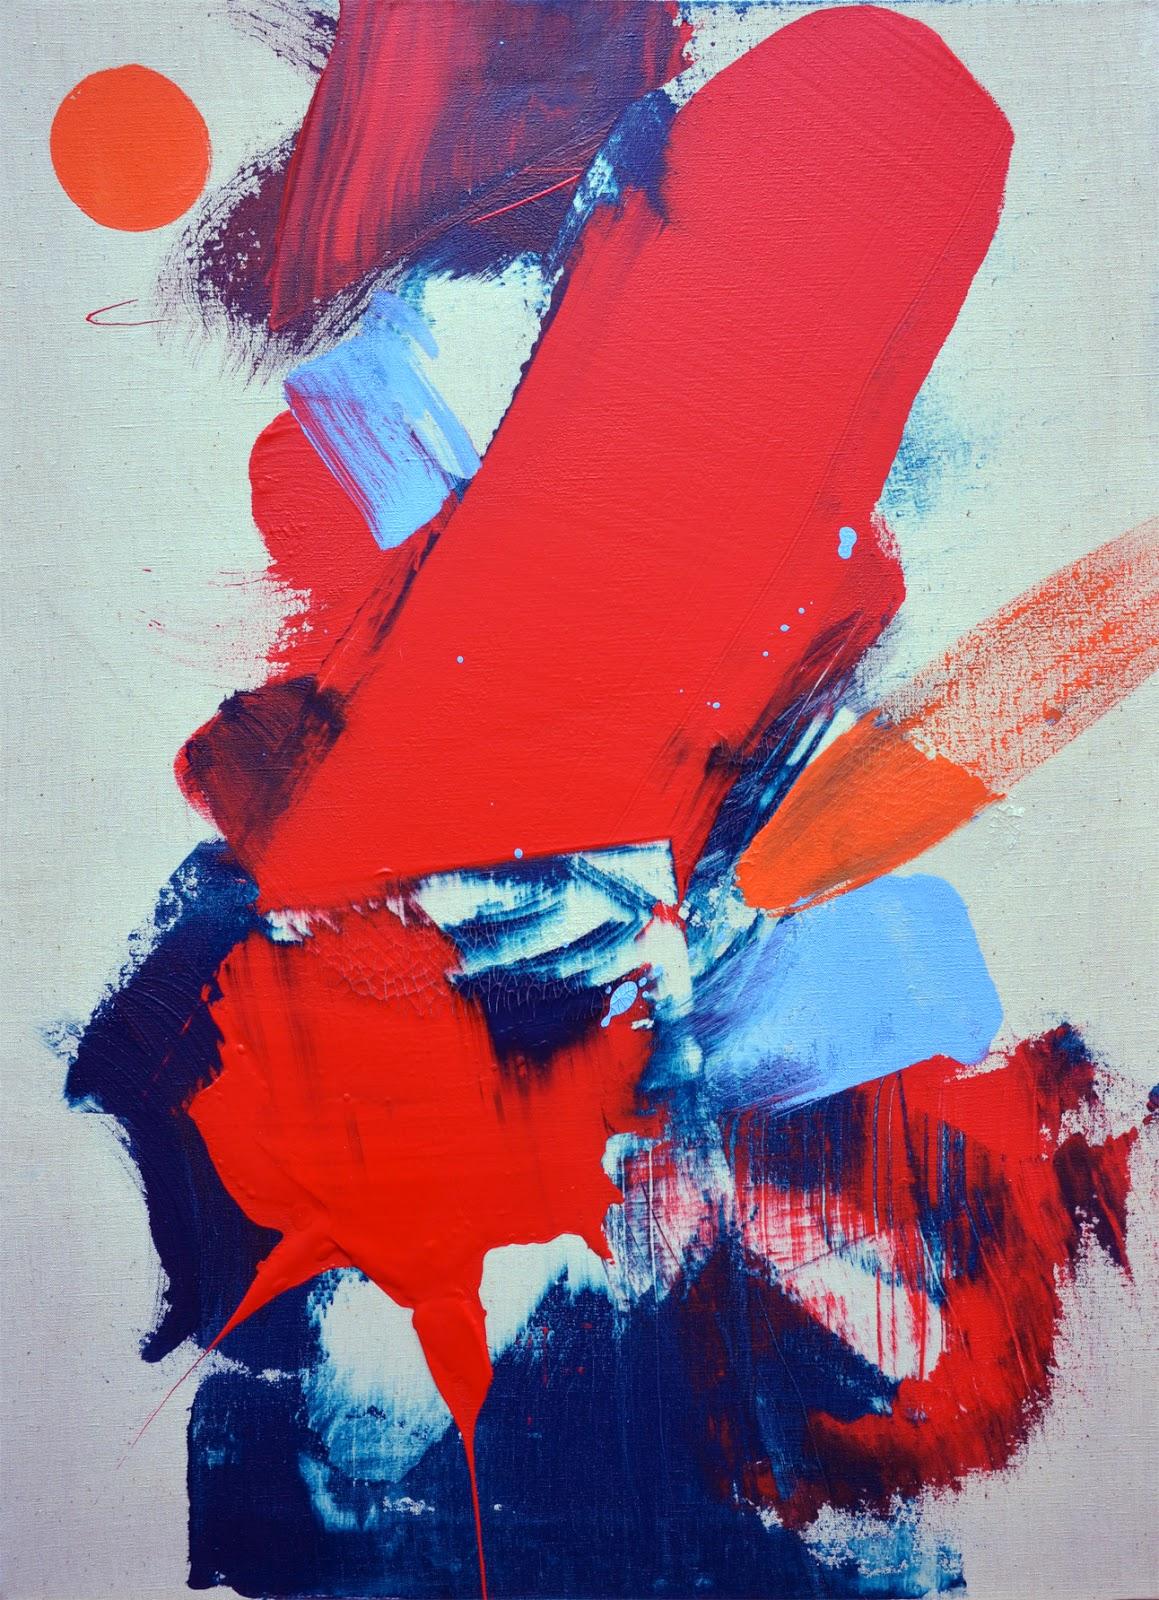 bordeaux artiste peintre atelier peinture abstrait